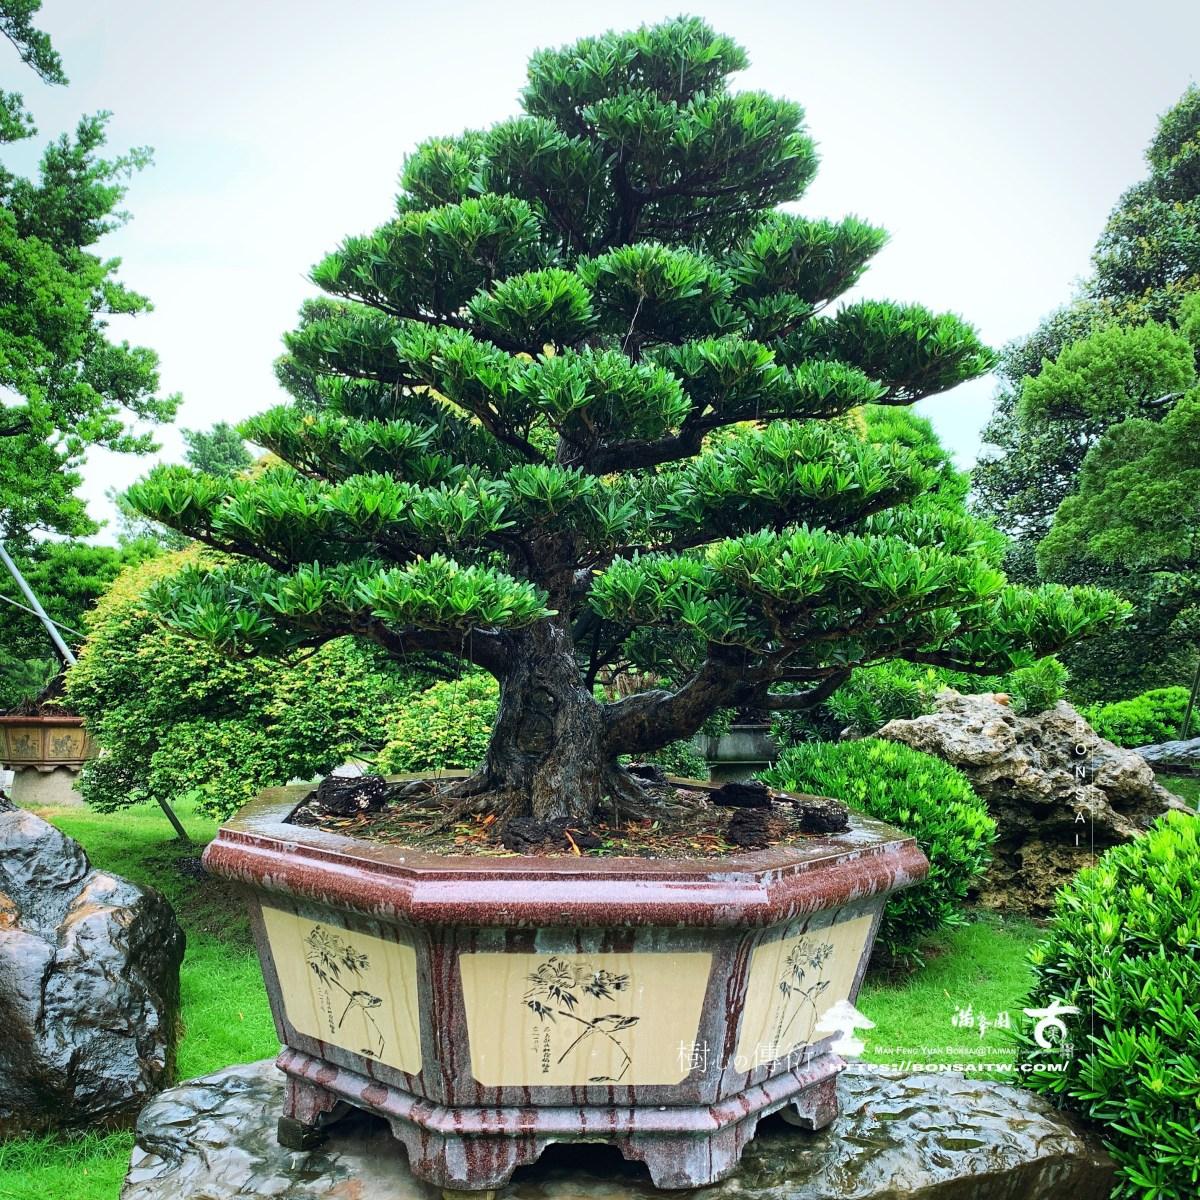 [羅漢松]大型盆栽